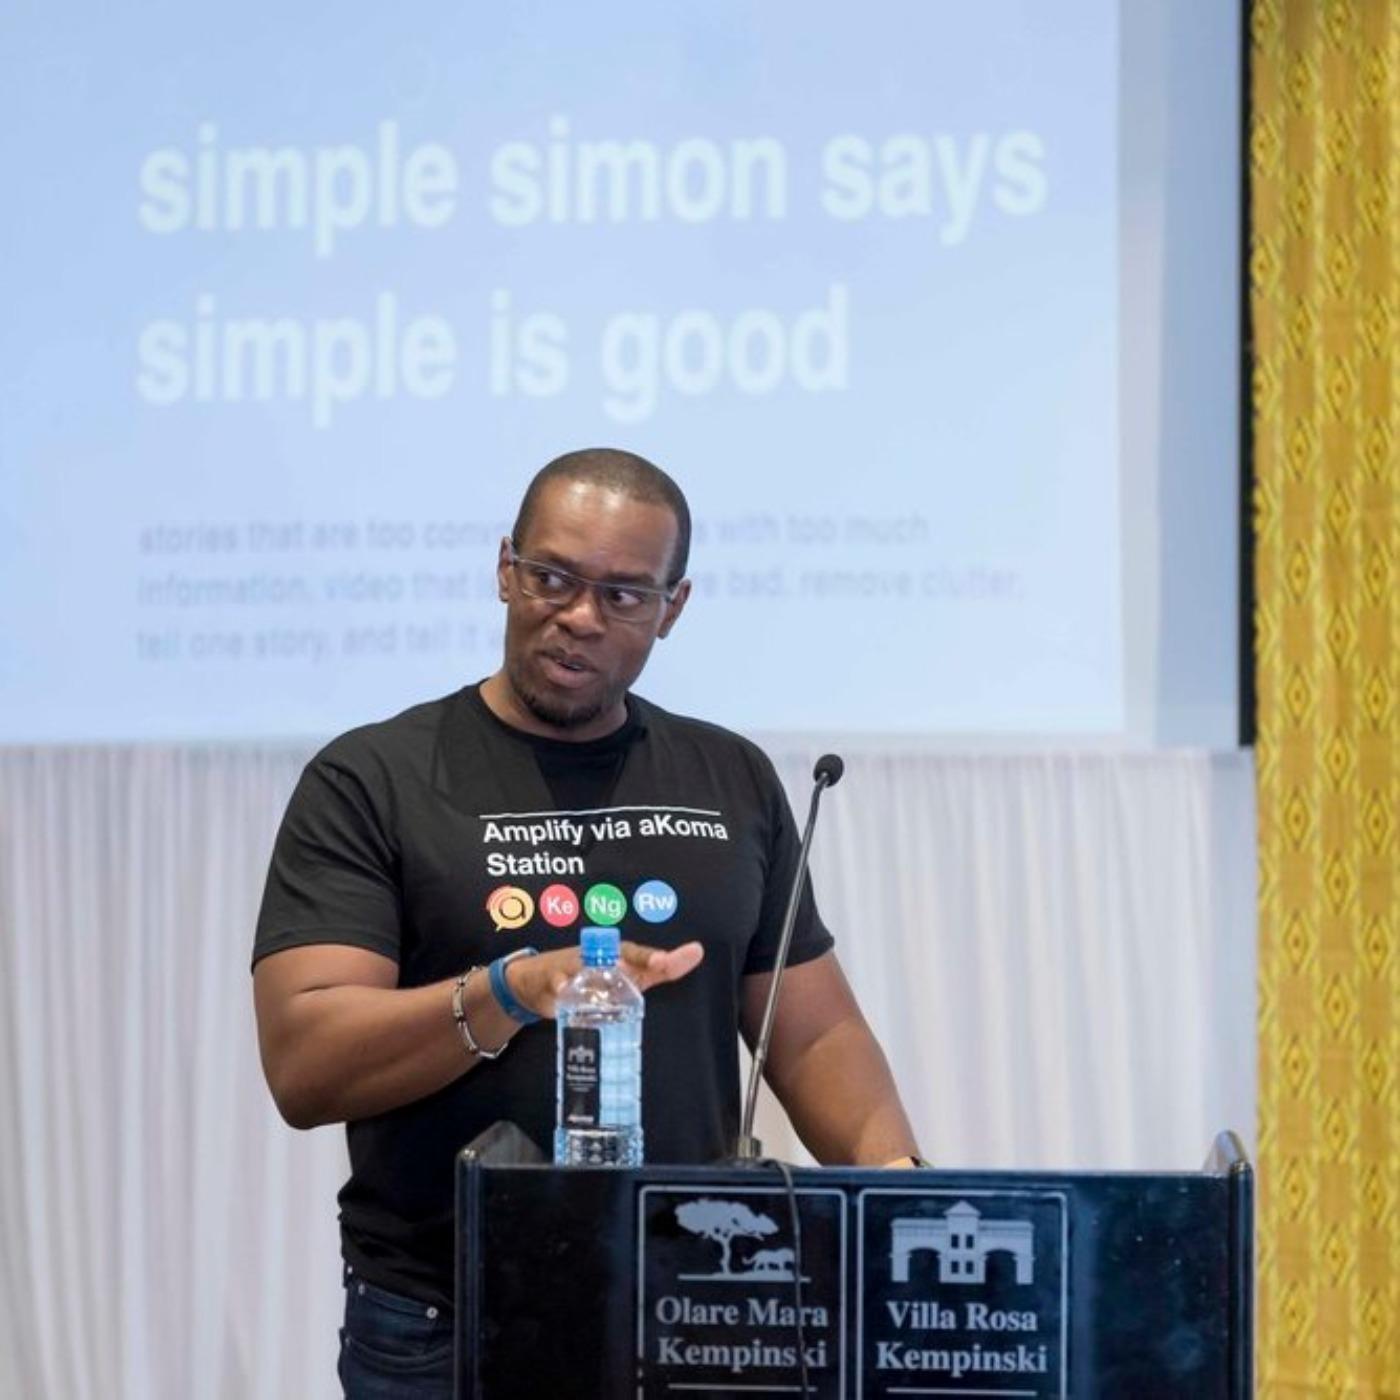 Chidi Afulezi - The Innovation Mindset